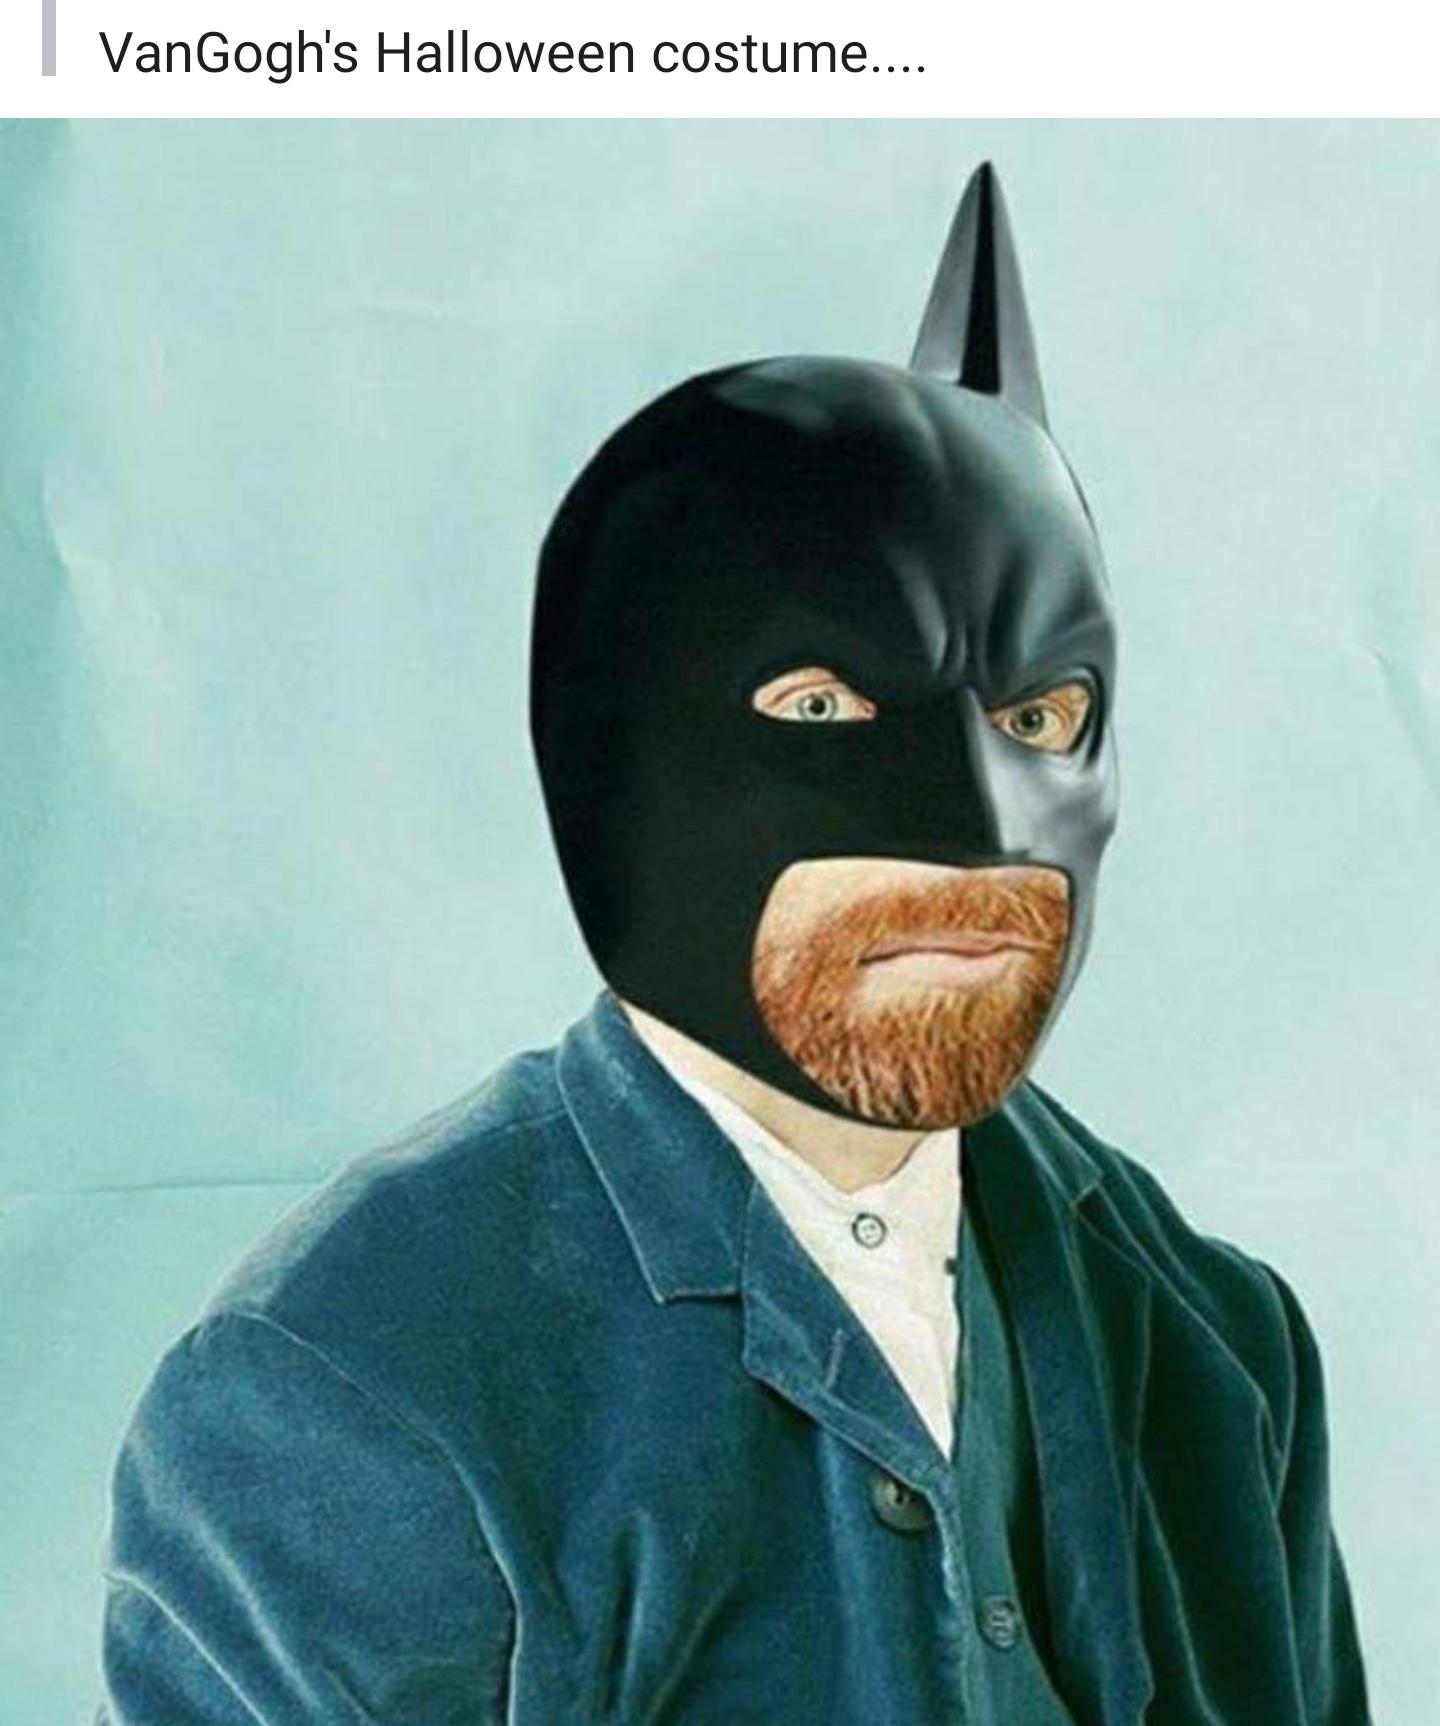 Van Gogh's Halloween costume